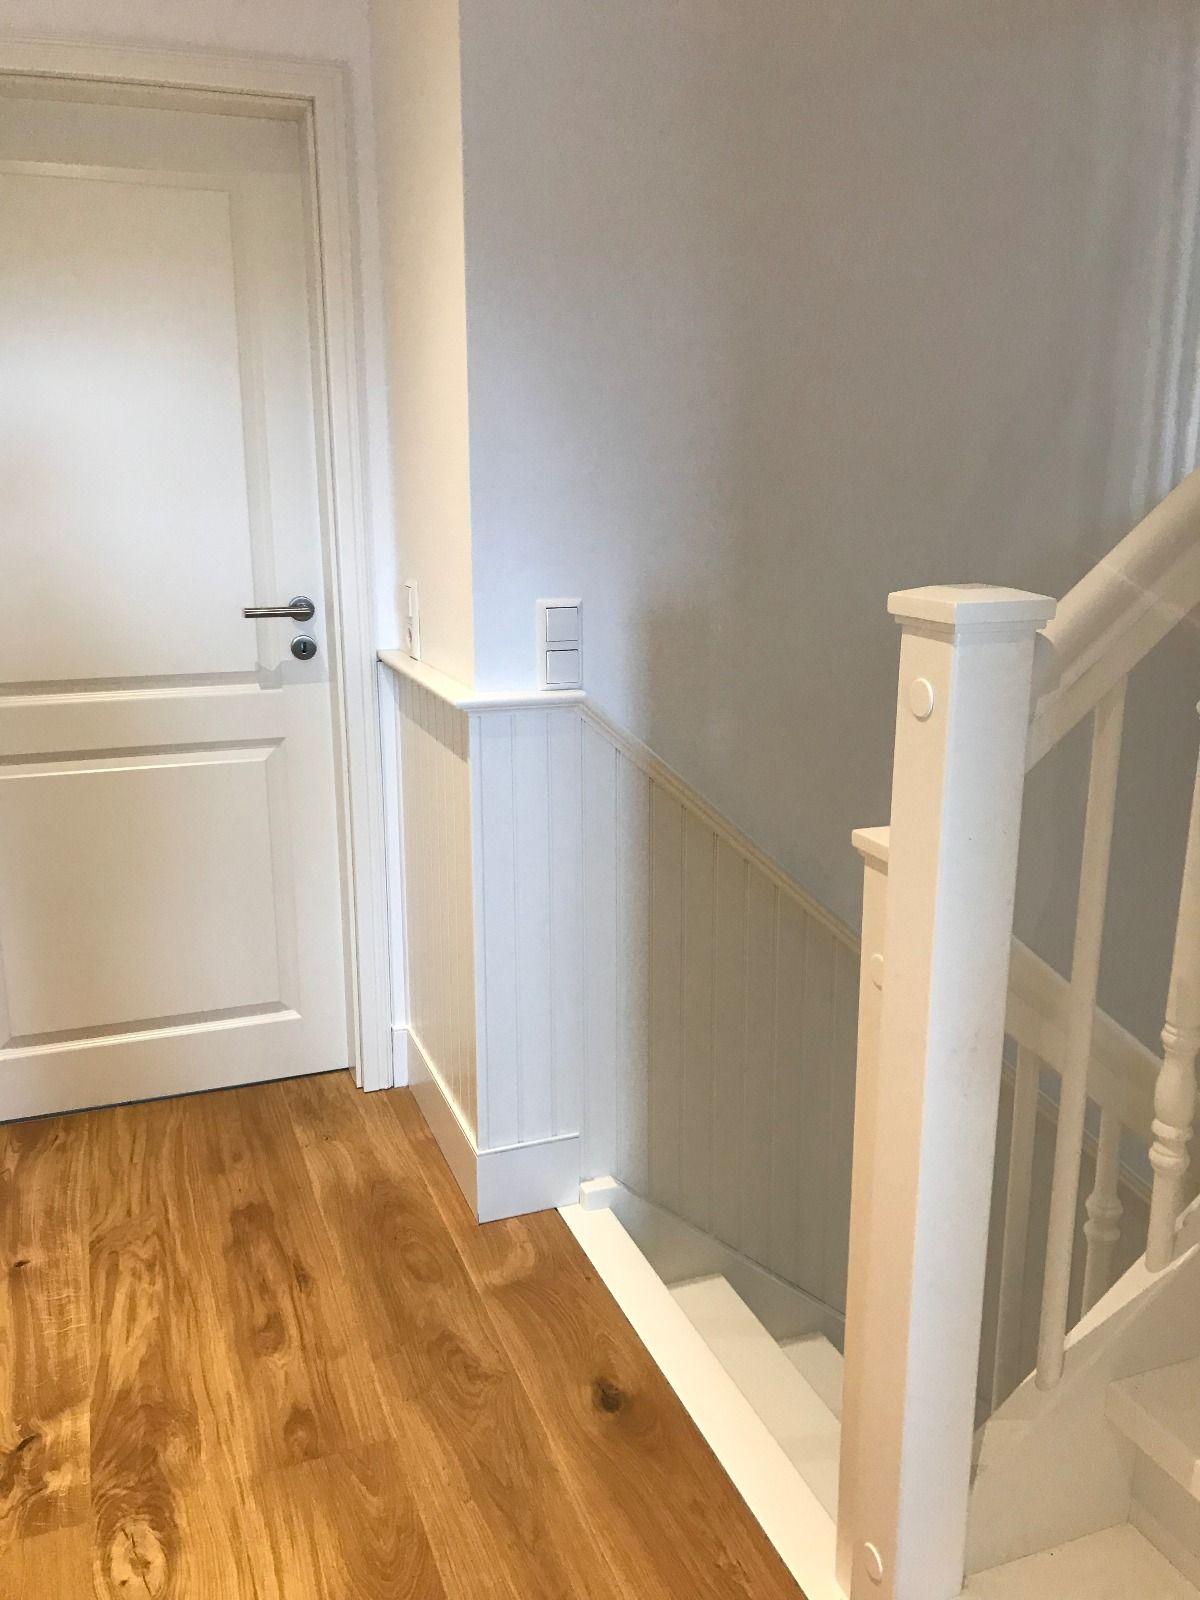 Treppenverkleidung Im Schwedenstil Treppenverkleidung Wandpaneele Treppe